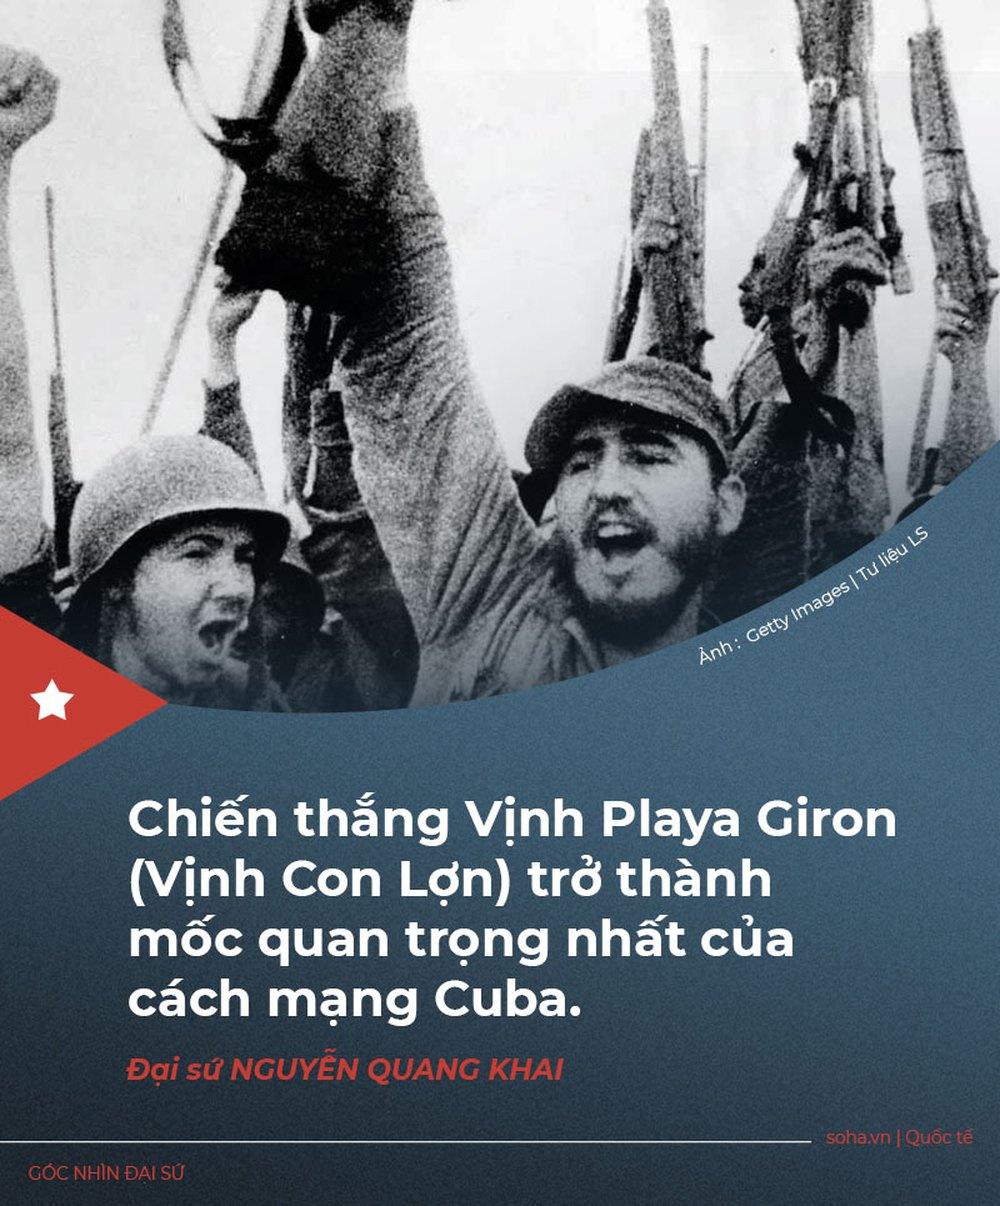 Mỹ-Cuba: Cuộc bao vây cấm vận khốc liệt nhất lịch sử hiện đại và thiệt hại nghìn tỷ đô của Hòn đảo Tự do - Ảnh 2.